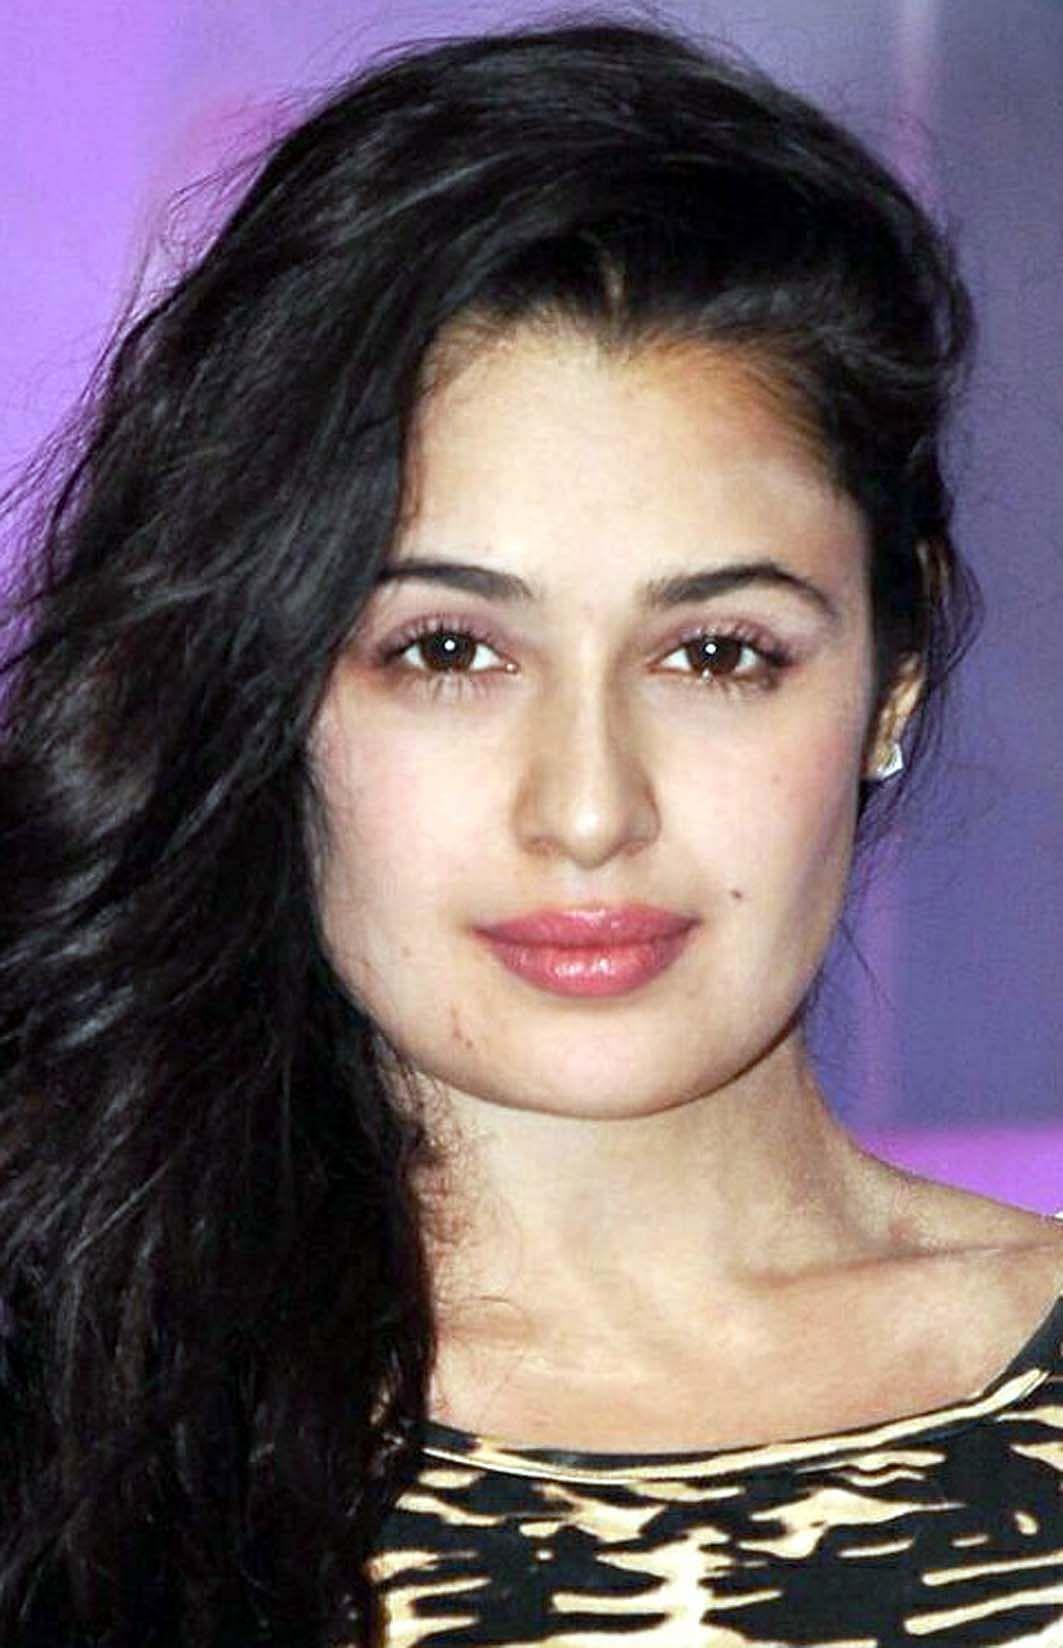 हिसार : फिल्म अभिनेत्री युविका चौधरी के खिलाफ एफआईआर दर्ज